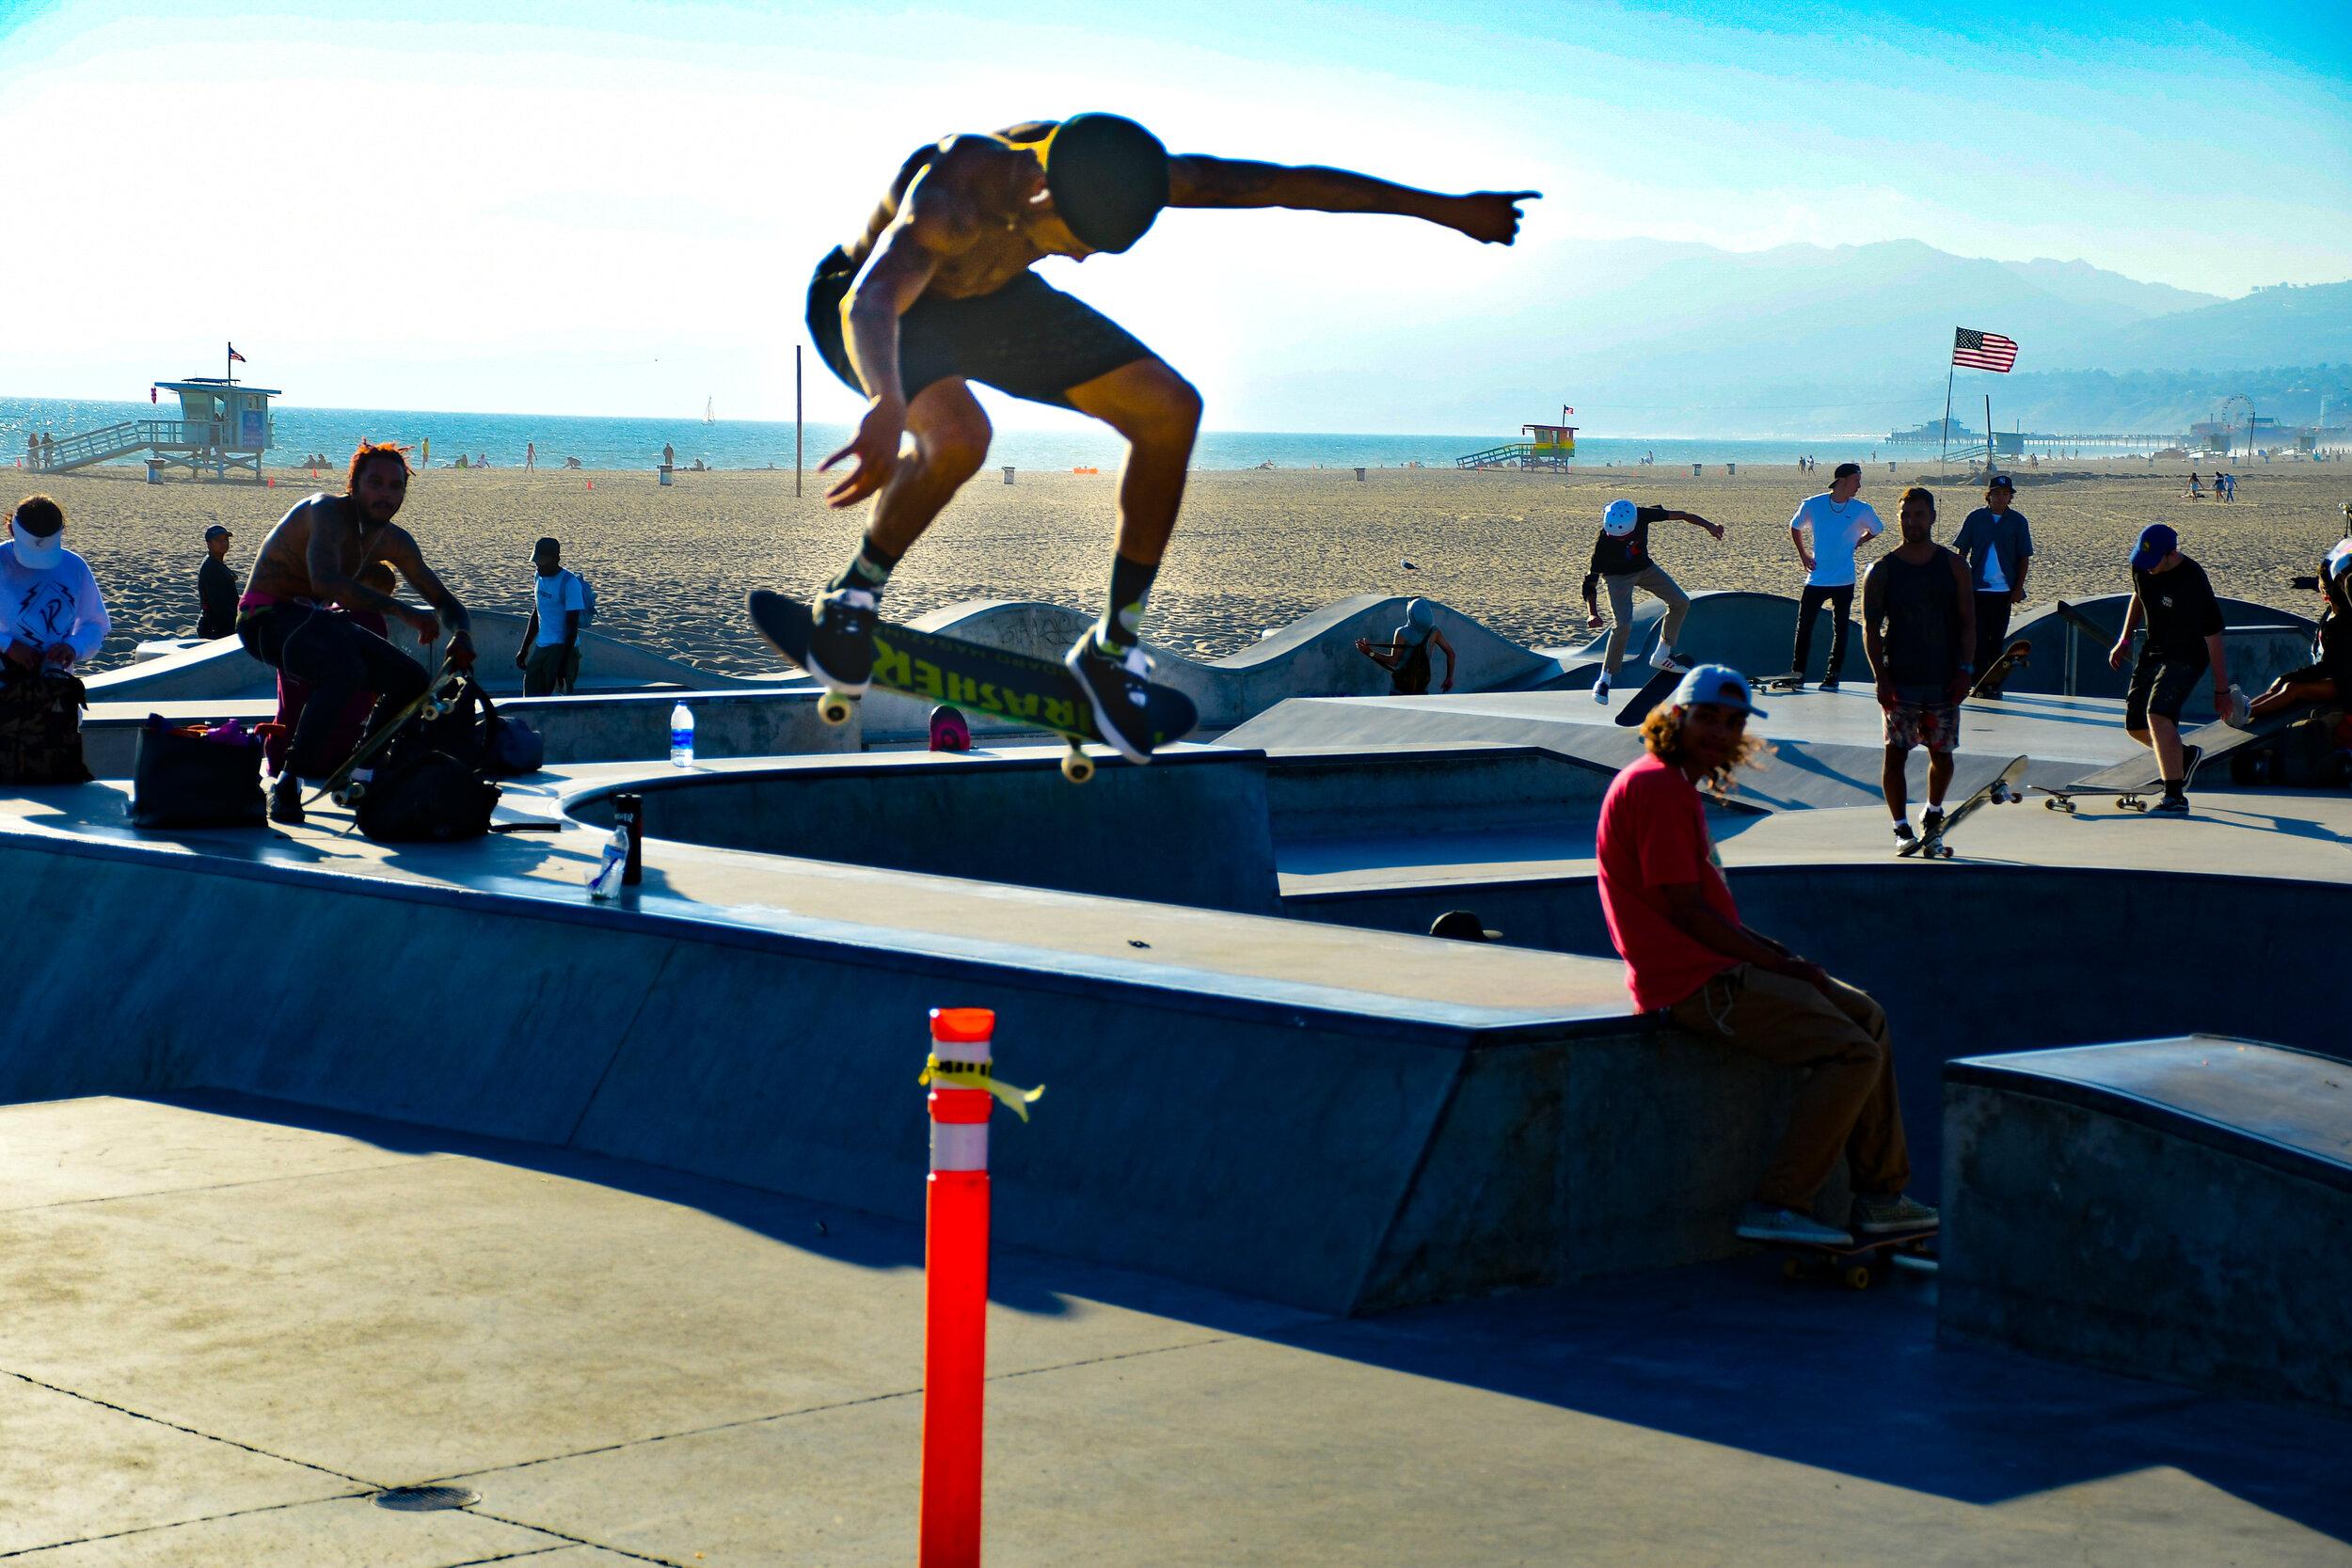 venice skate park, 2019